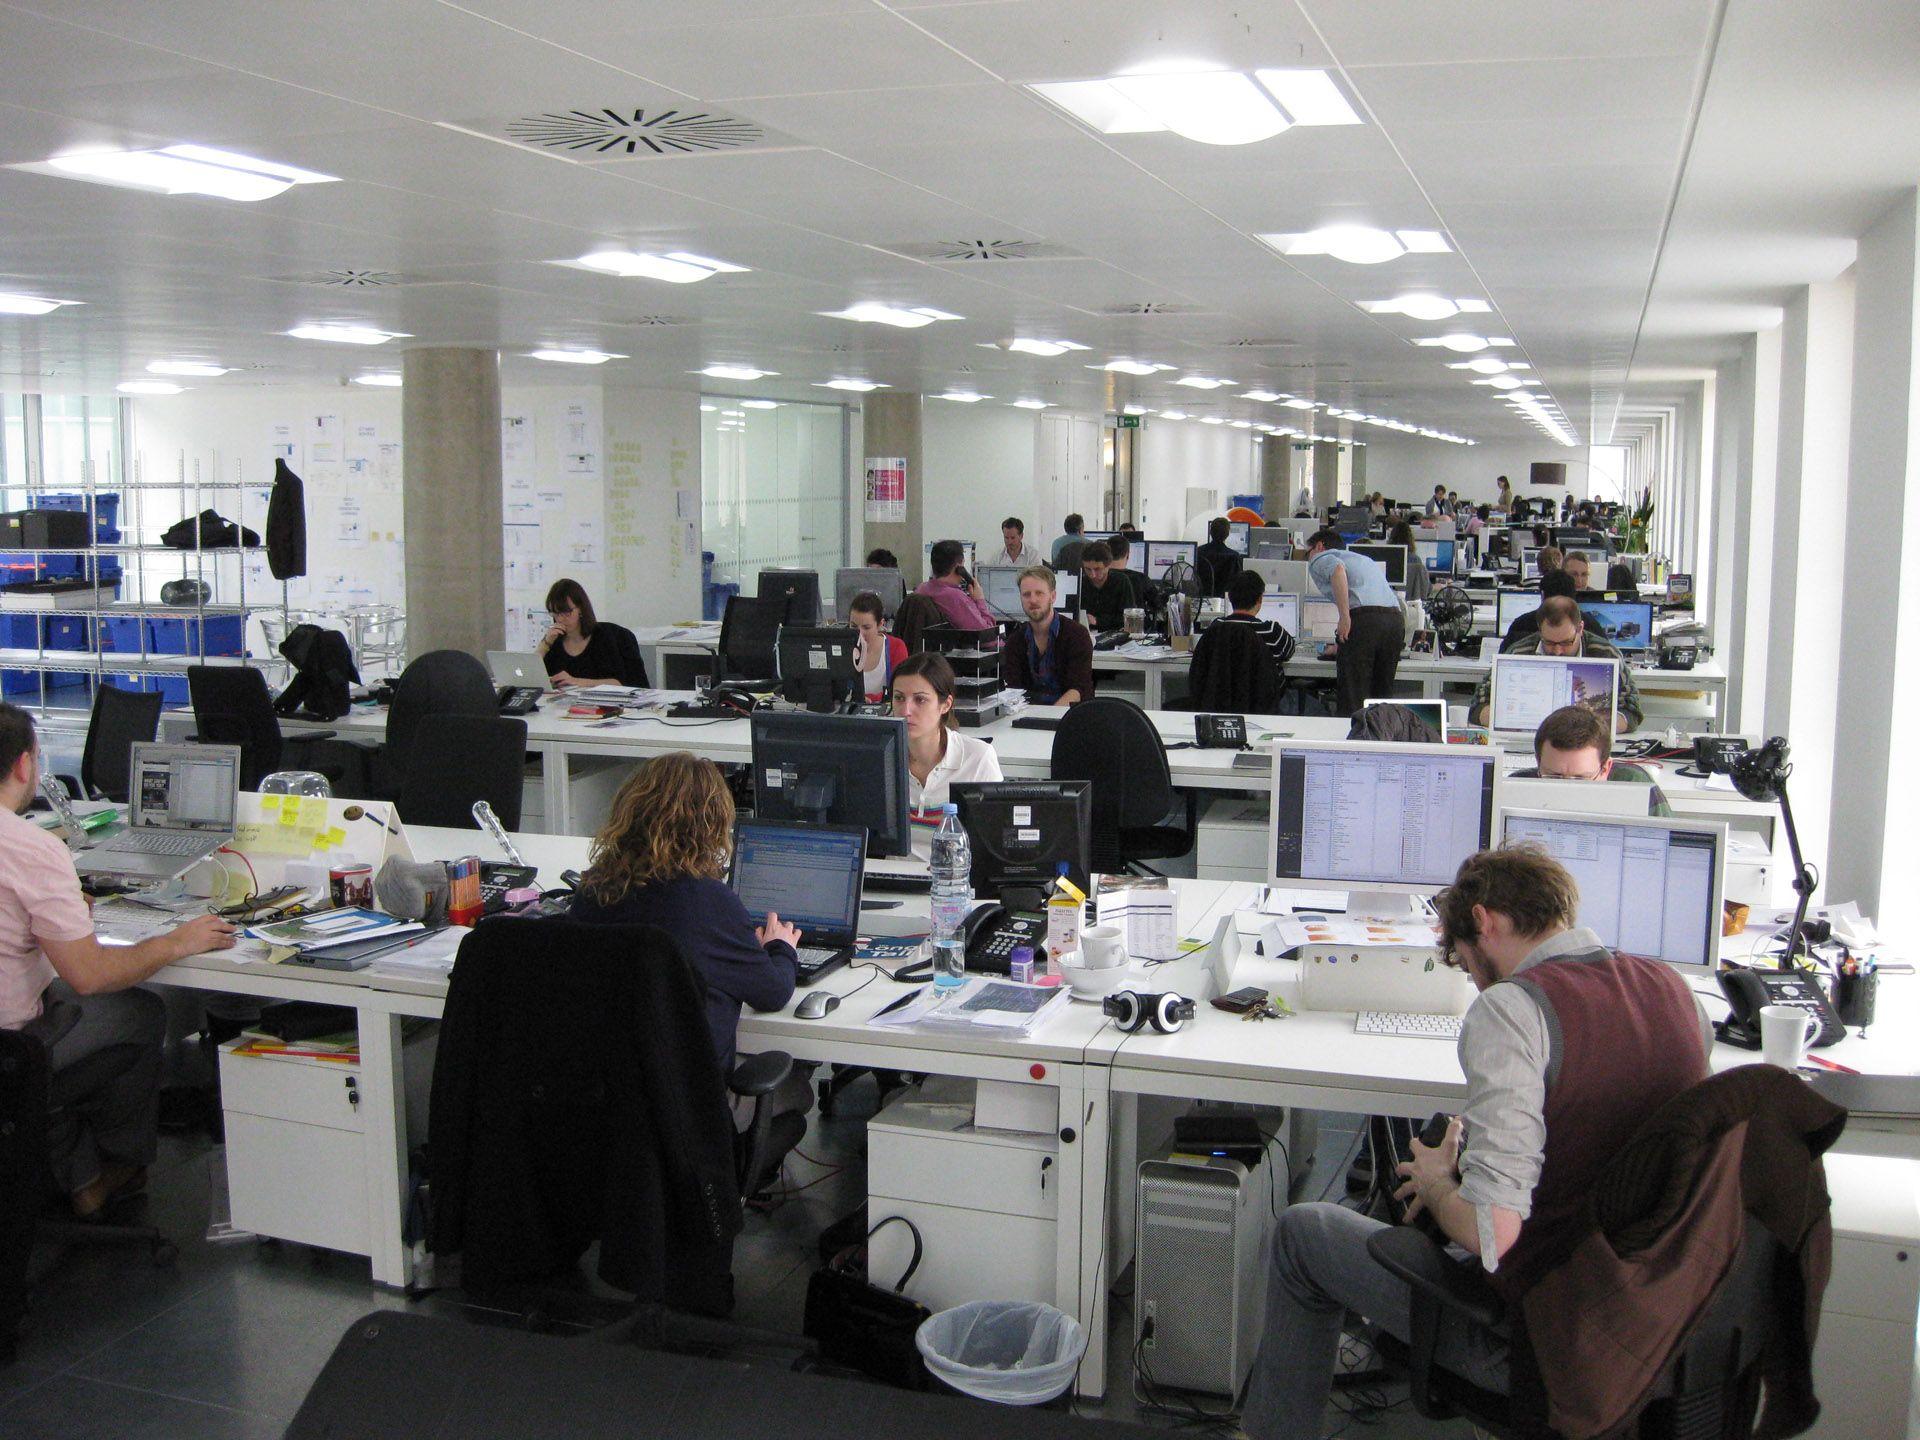 De ce o să fie oribil primul tău loc de muncă în corporație din România